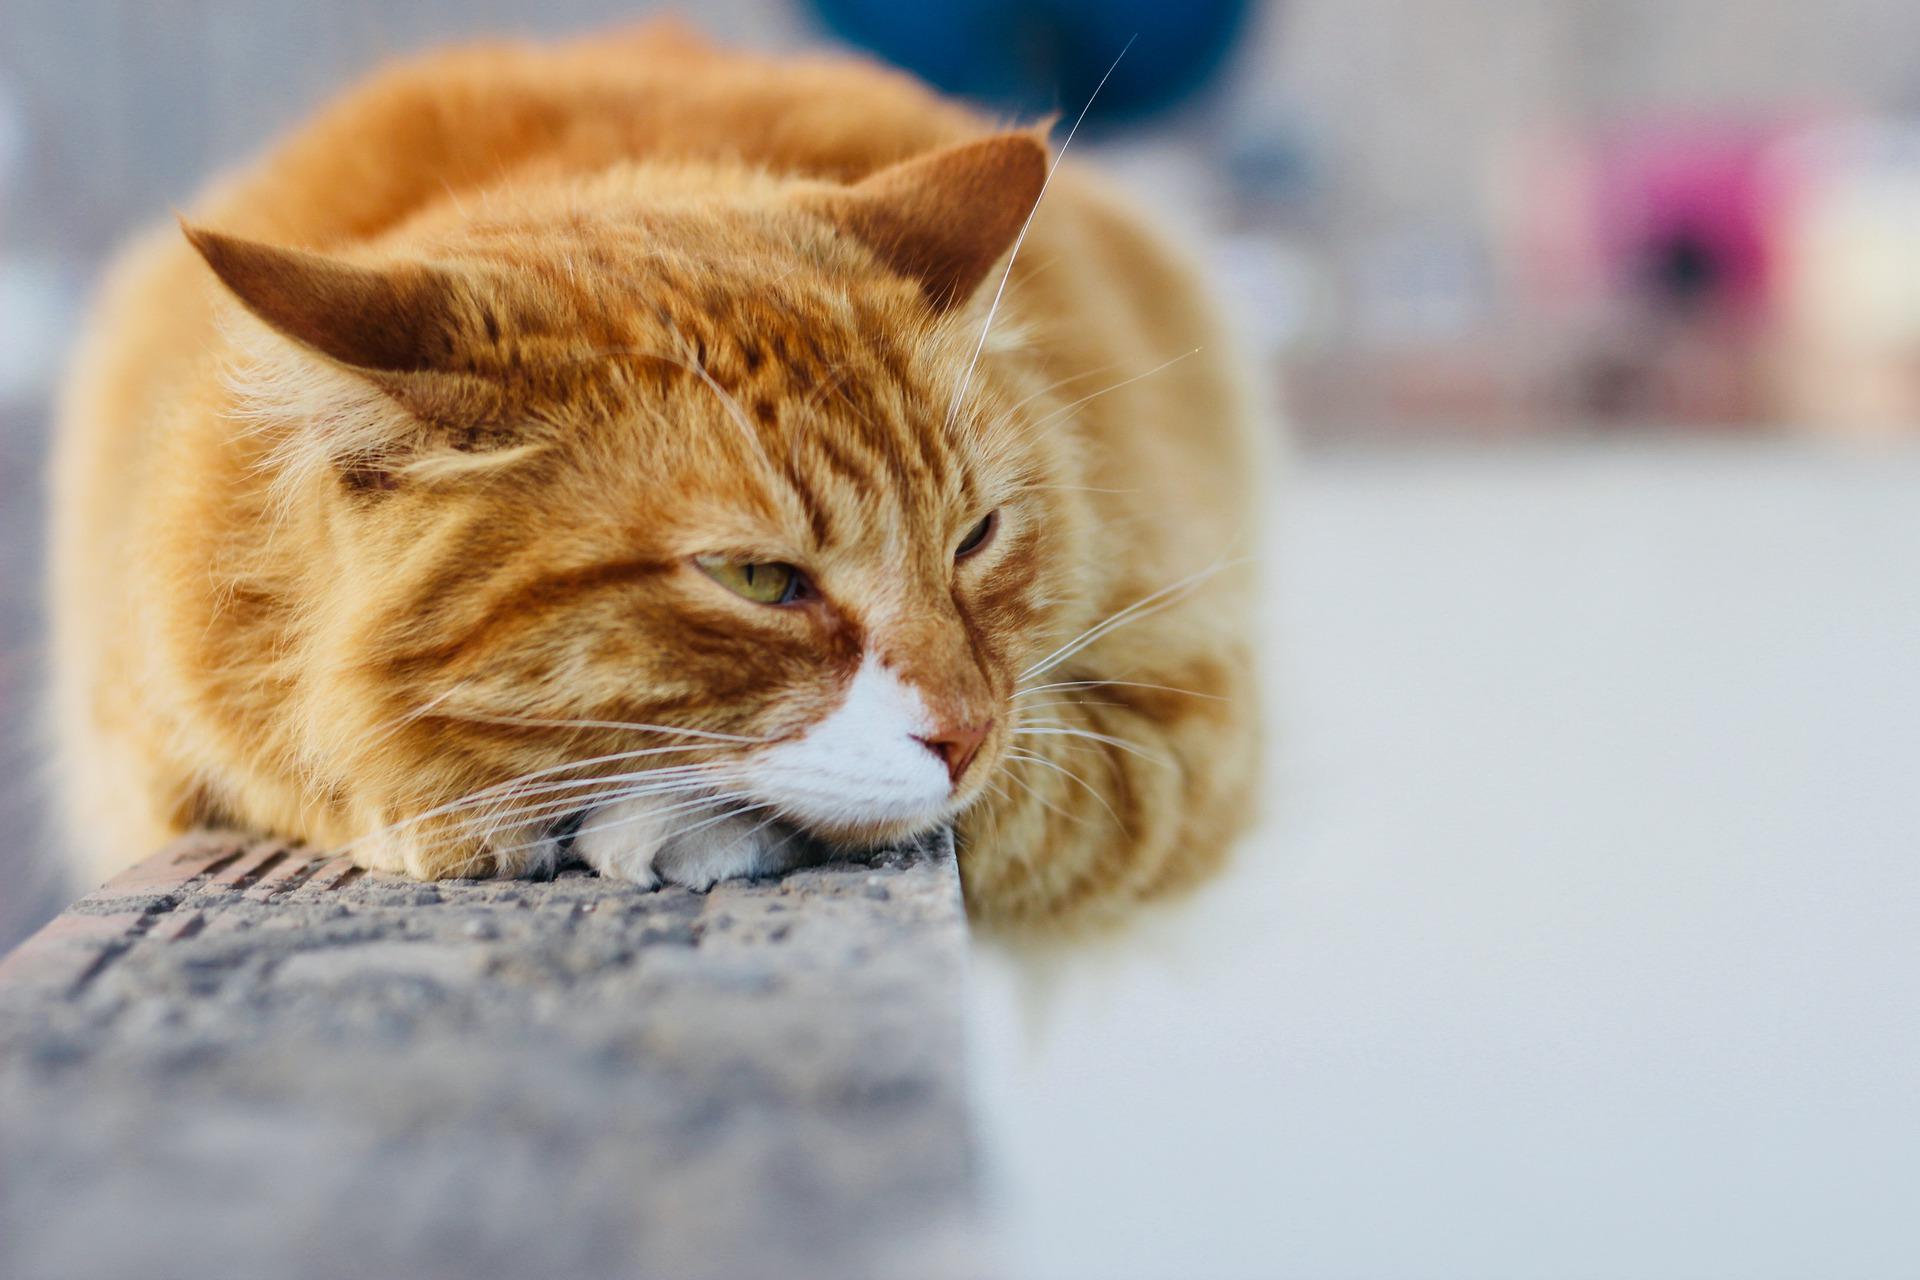 کنترل جمعیت گربههای محلی – قسمت اول